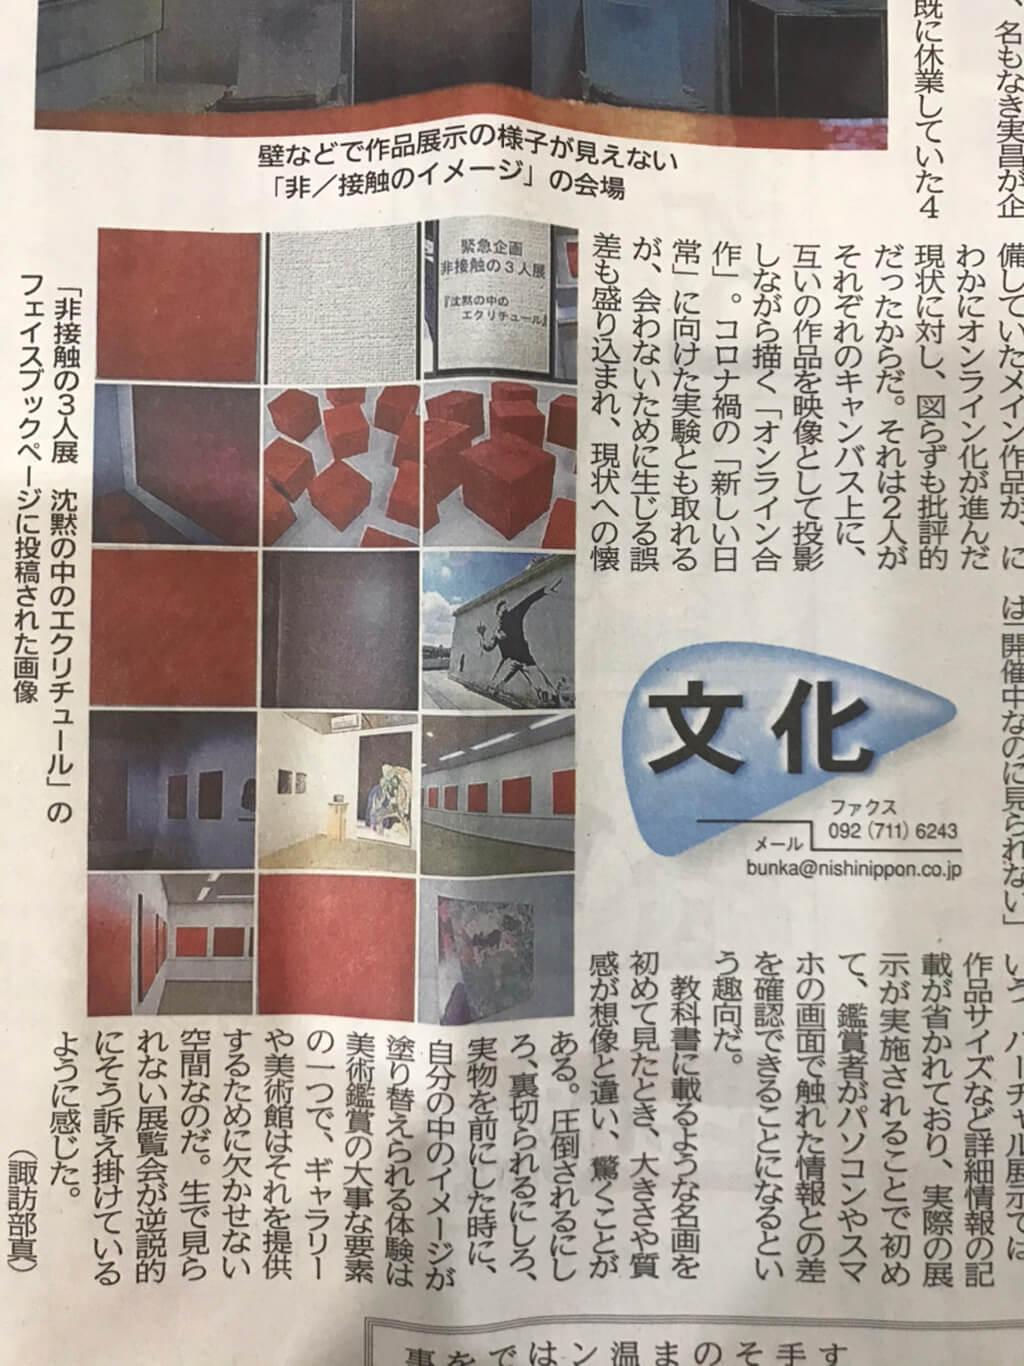 西日本新聞に「非/接触のイメージ」の記事を掲載して頂きました。